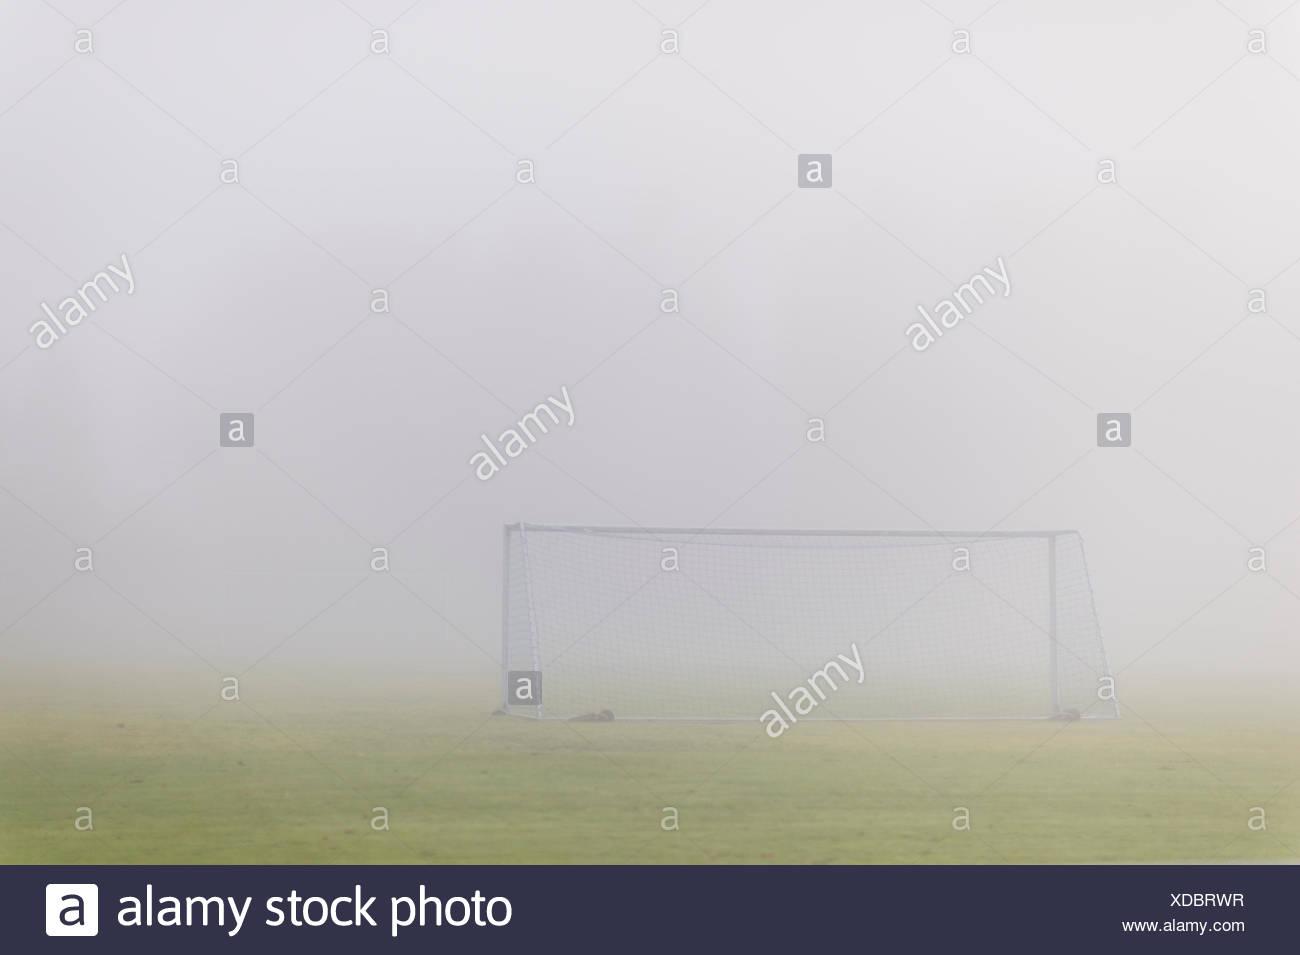 Sweden, Vastmanland, Soccer field covered in fog - Stock Image